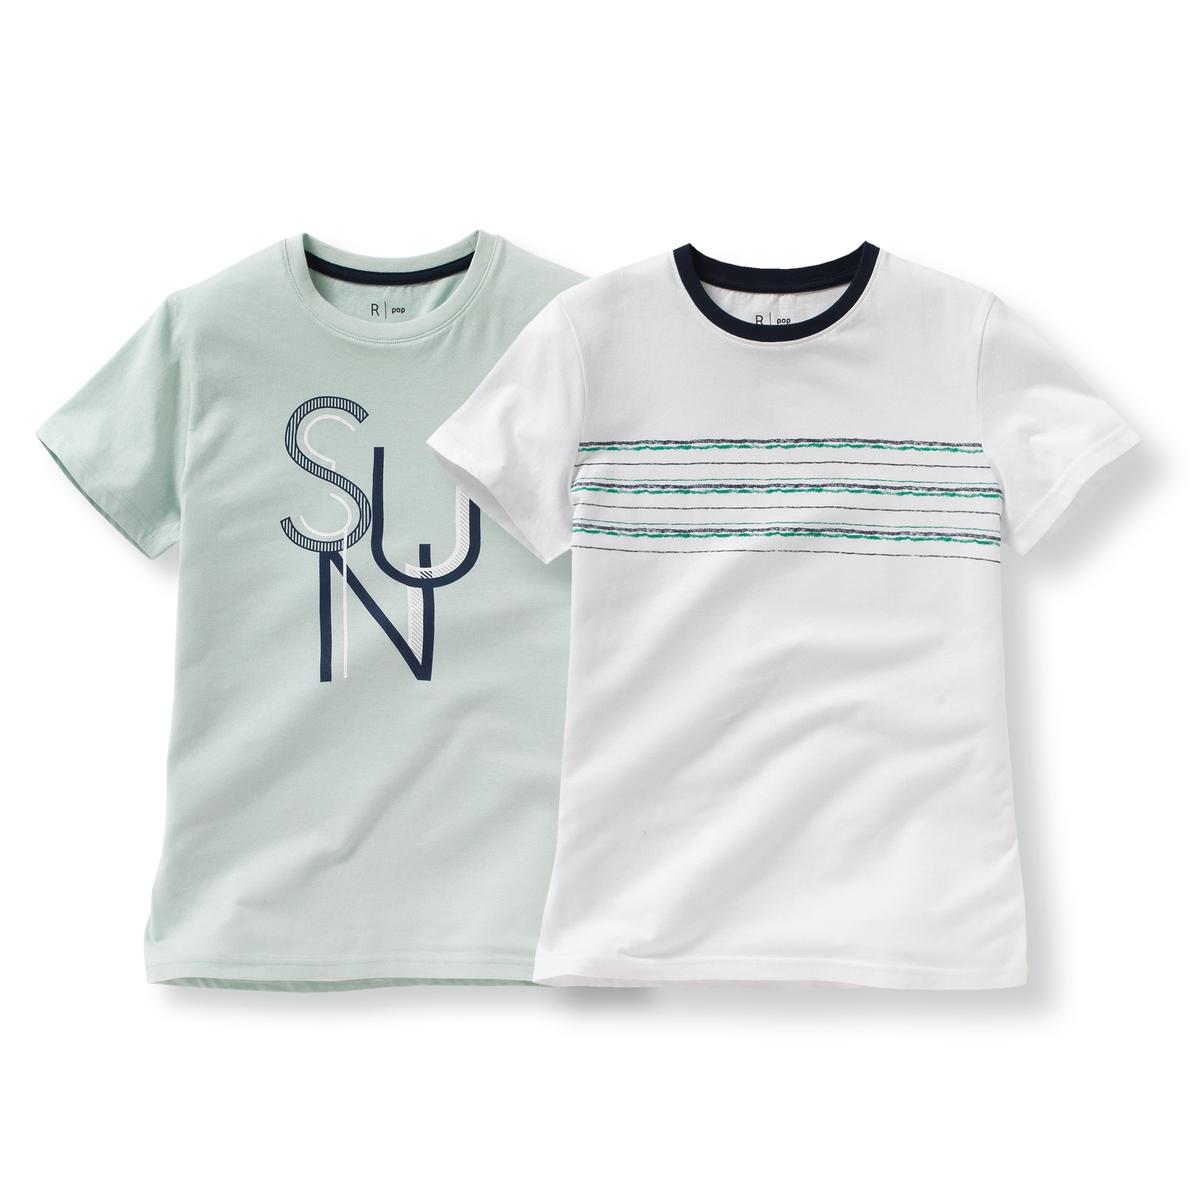 Комплект из 2 футболок, 10-16 летСостав и описание : Материал       джерси, 100% хлопокМарка       R ?ditionУход : Машинная стирка при 30 °C с вещами схожих цветовСтирать и гладить с изнаночной стороныМашинная сушка запрещенаГладить при низкой температуре<br><br>Цвет: зеленый + белый<br>Размер: 14 лет